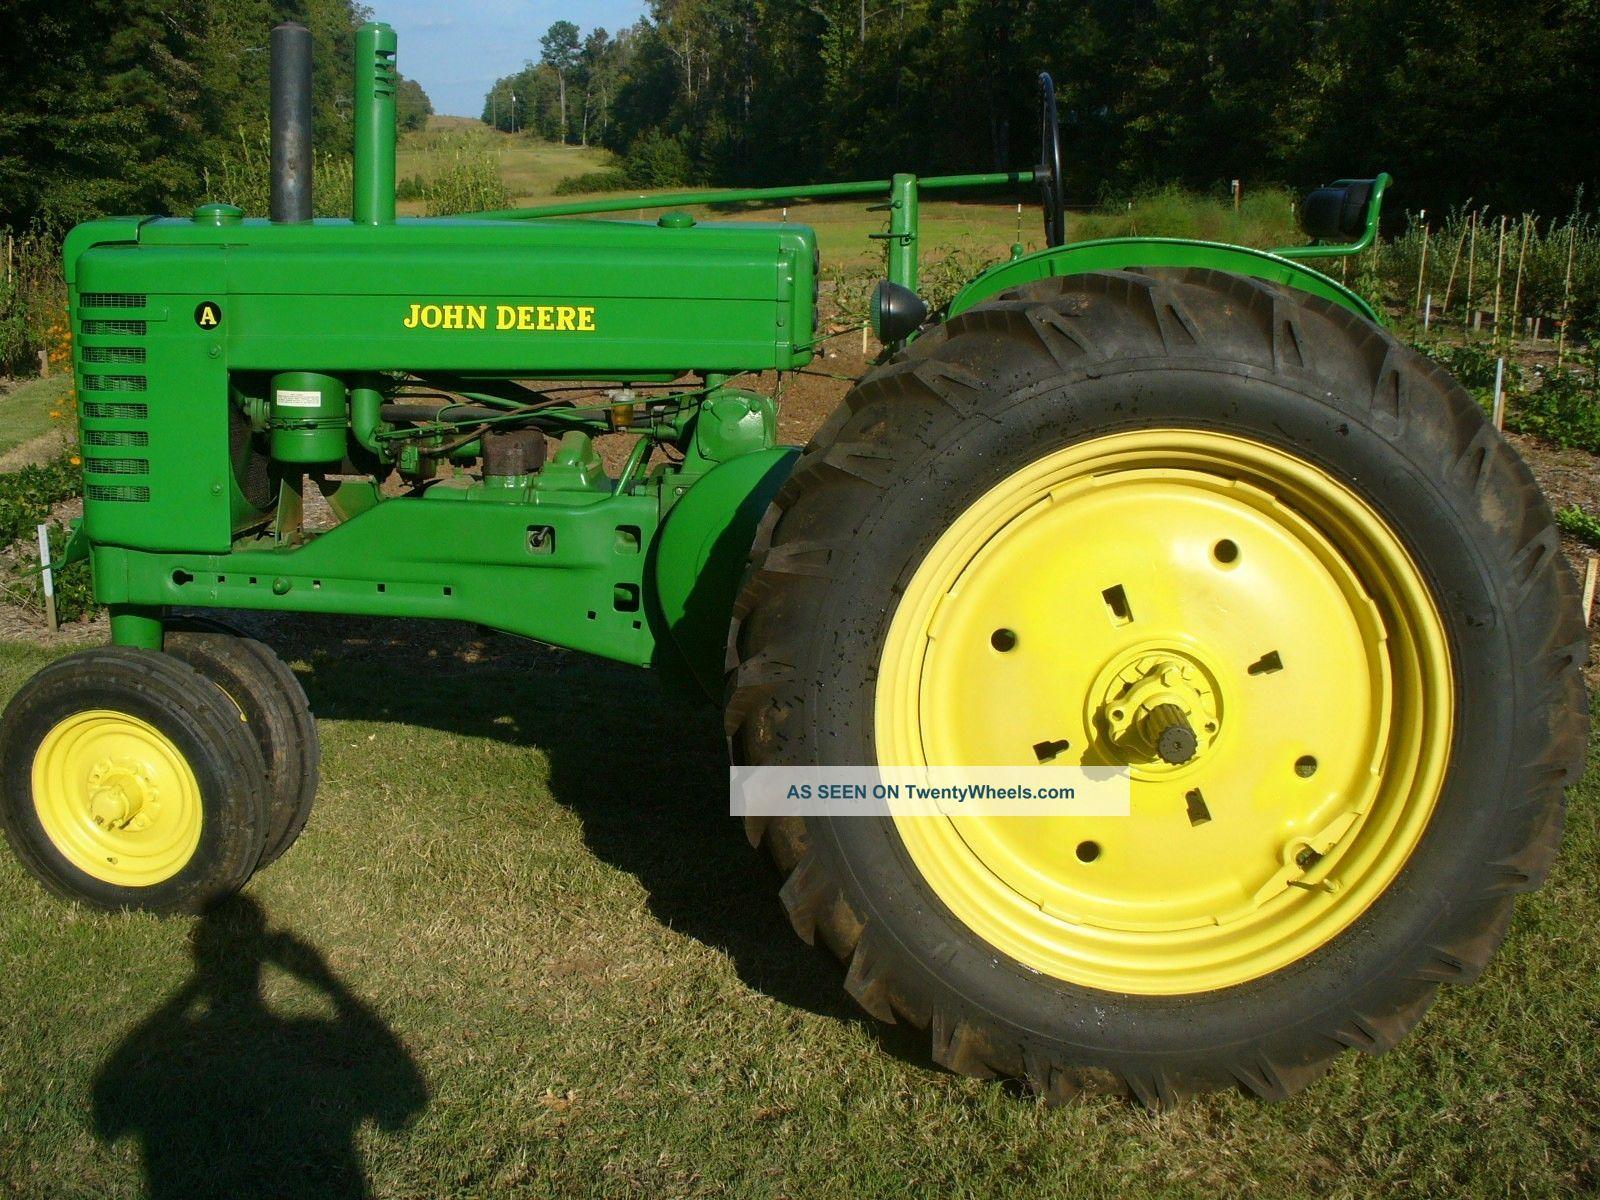 Old John Deere Tractors : Antique john deere a tractor